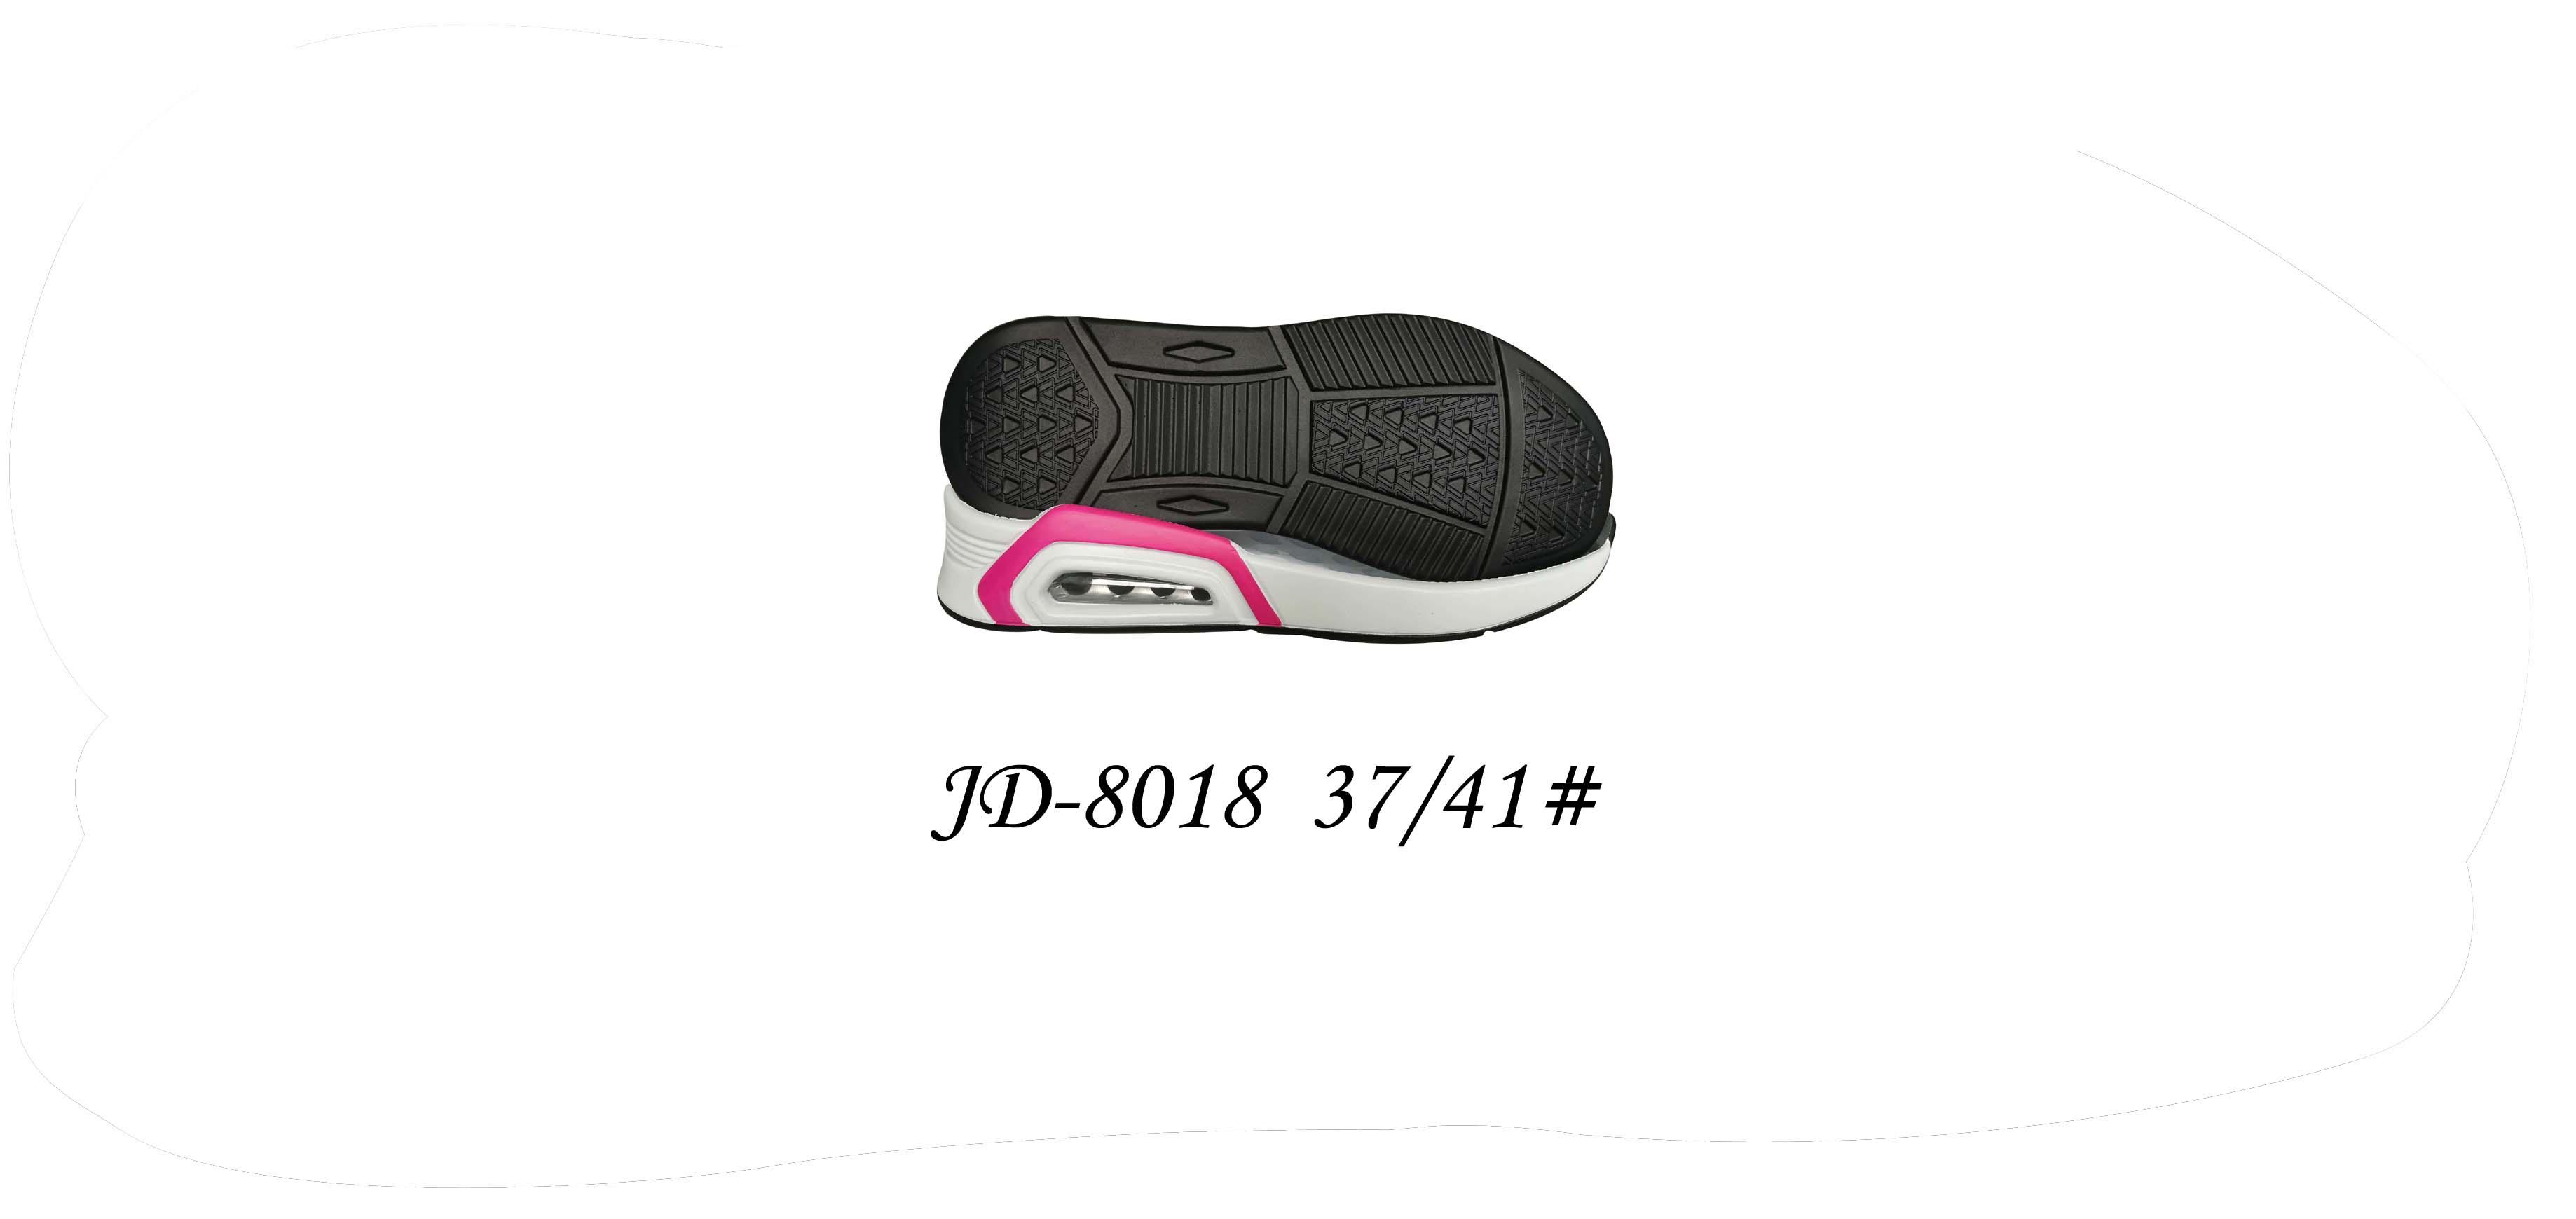 鞋底 PU 男段 女段 休闲鞋 三色 37 41 一体 JD-8018